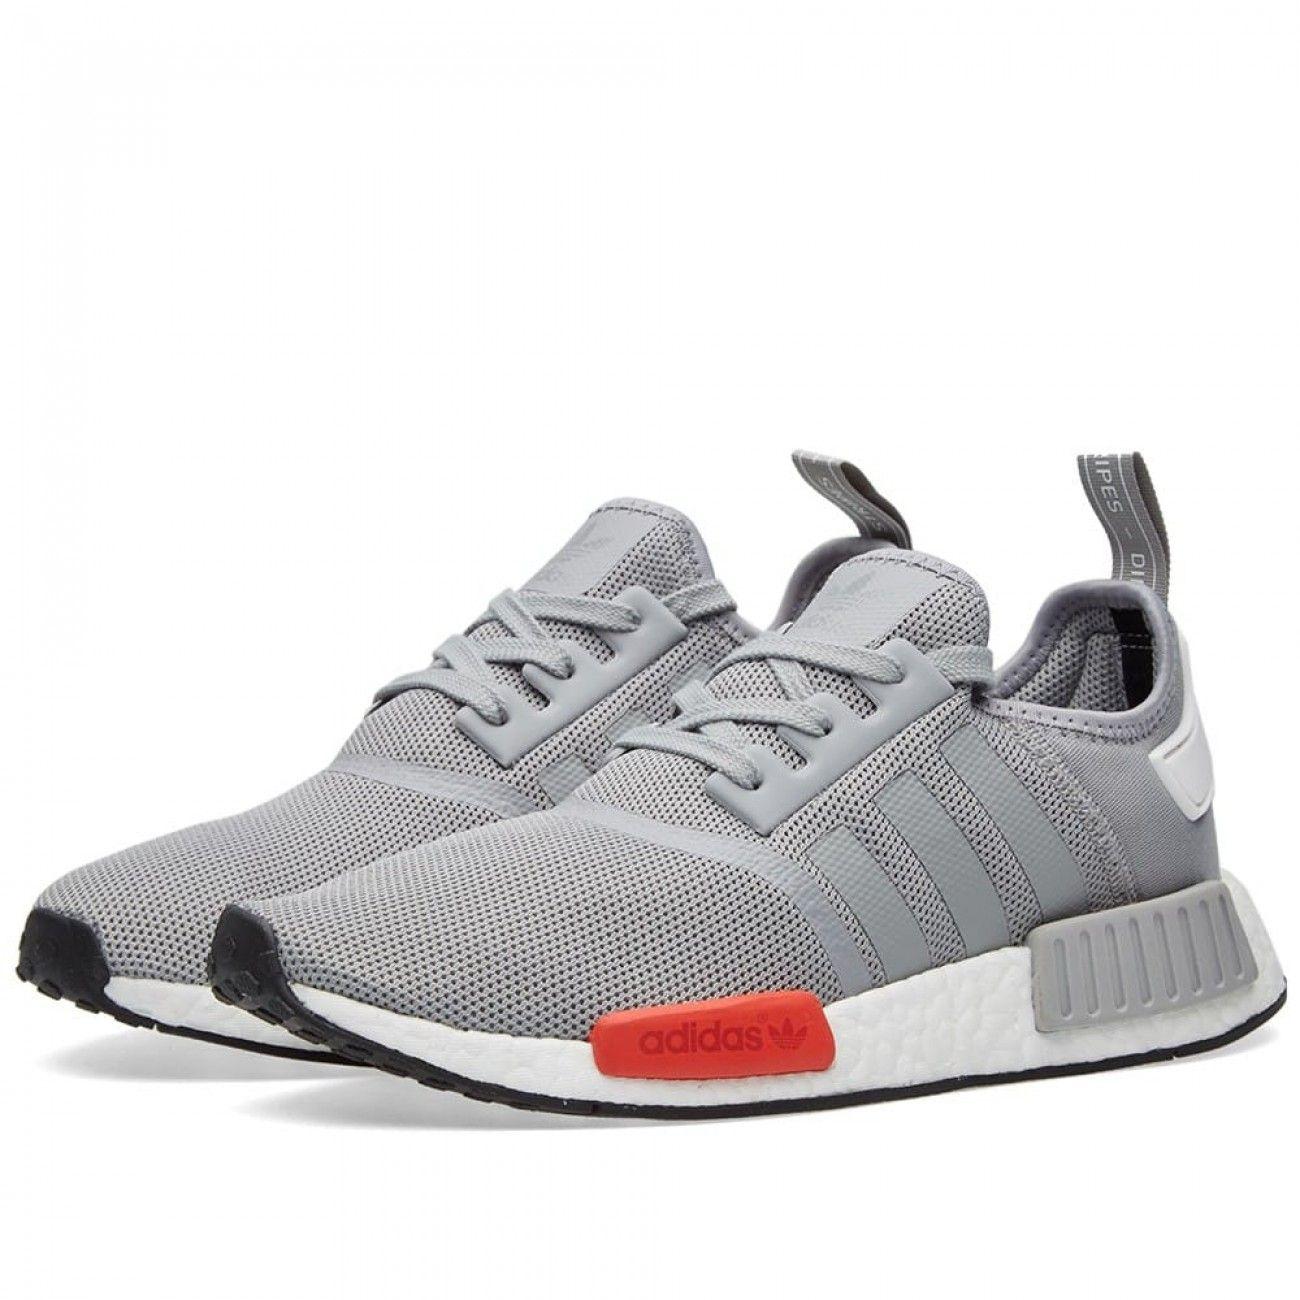 adidas light runner